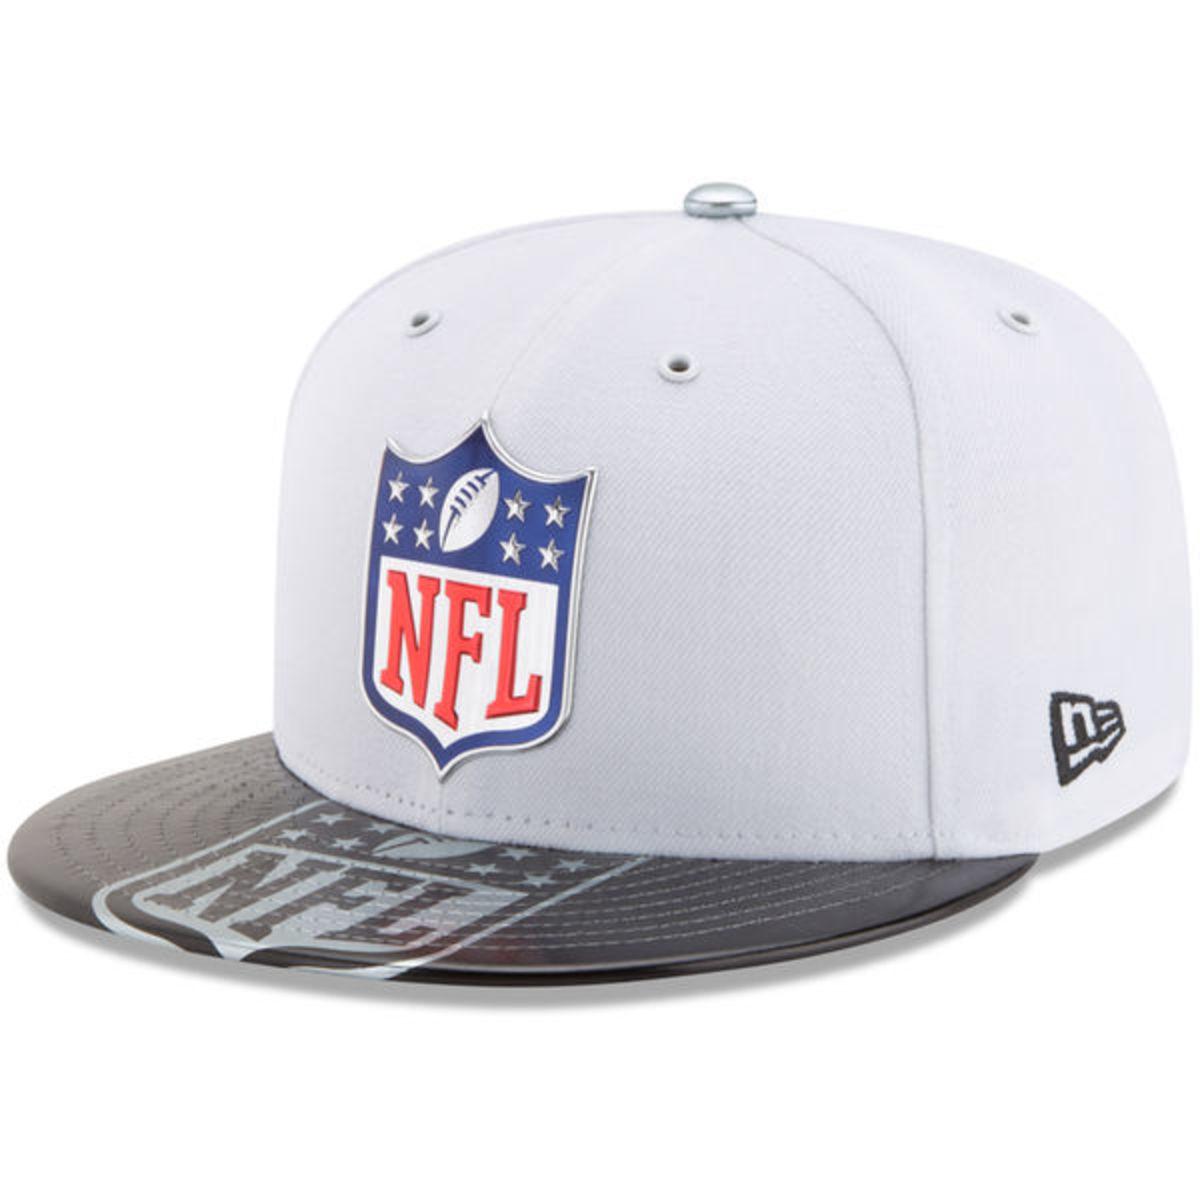 nfl-draft-hat-ranking.jpeg